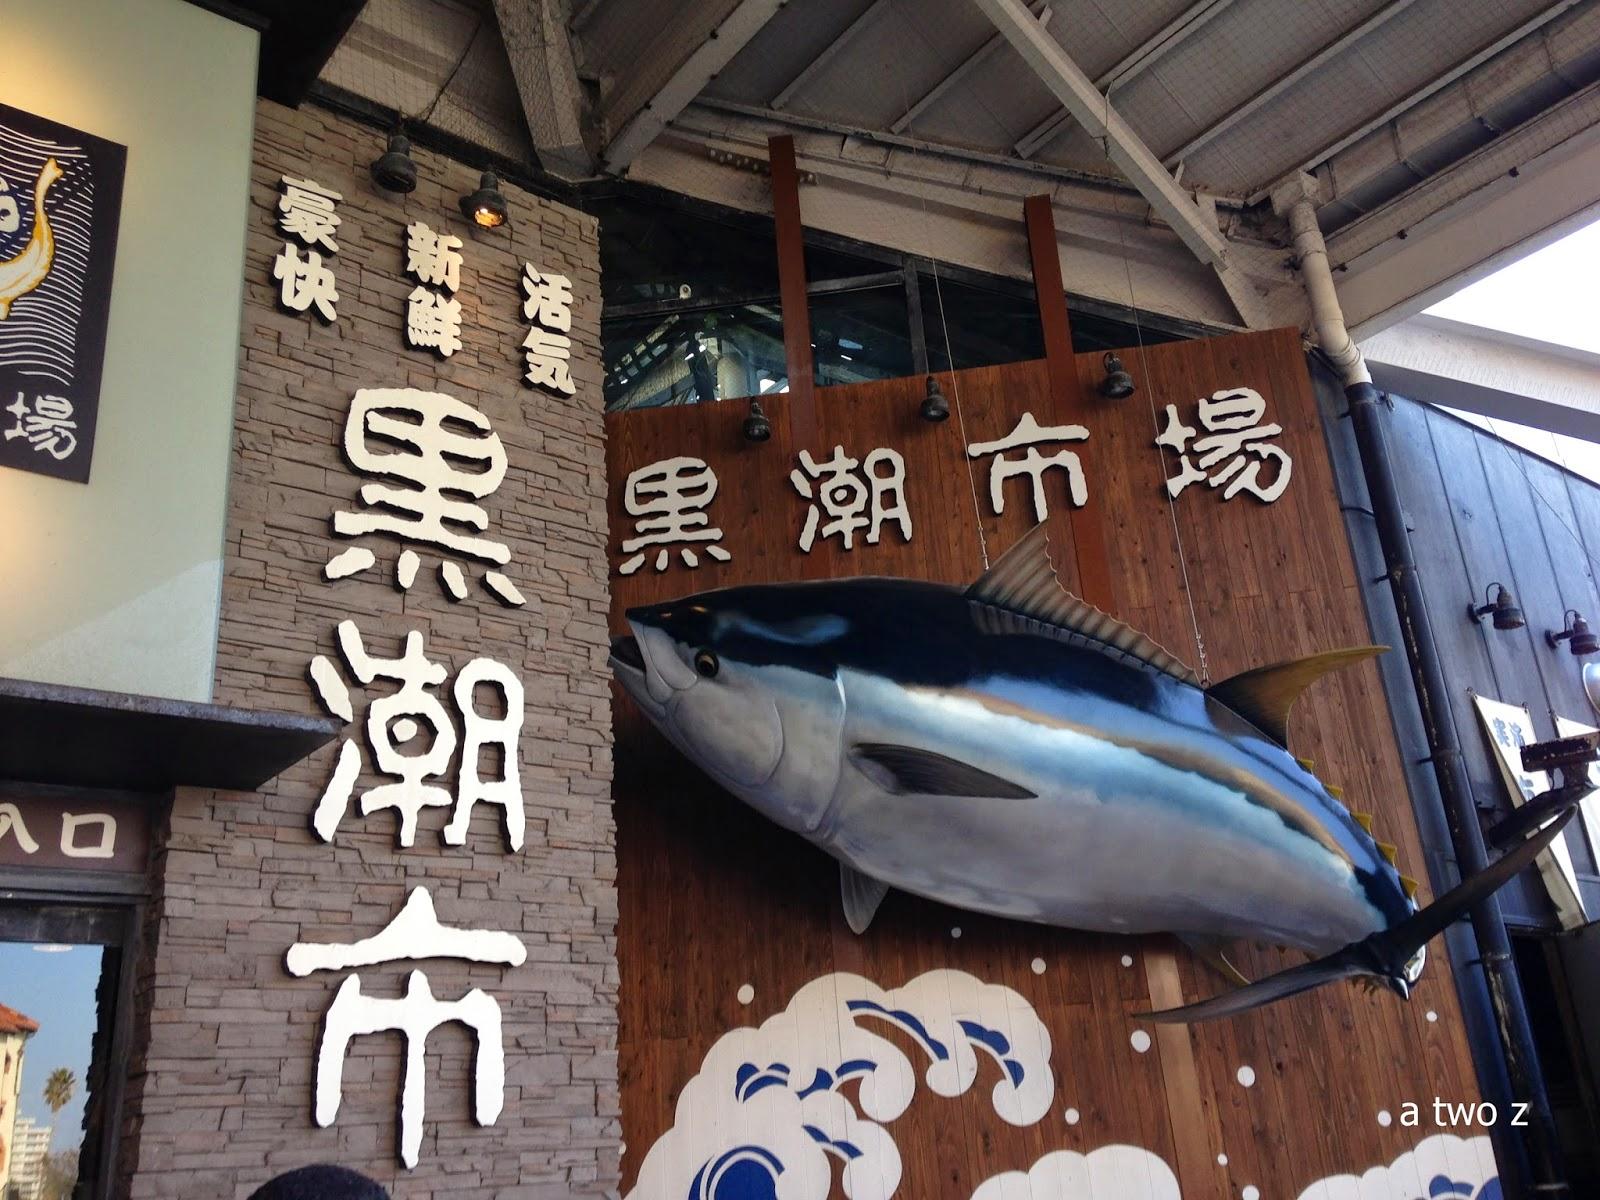 和歌山黒潮市場特集!おすすめのランチや人気のお土産まで一挙ご紹介